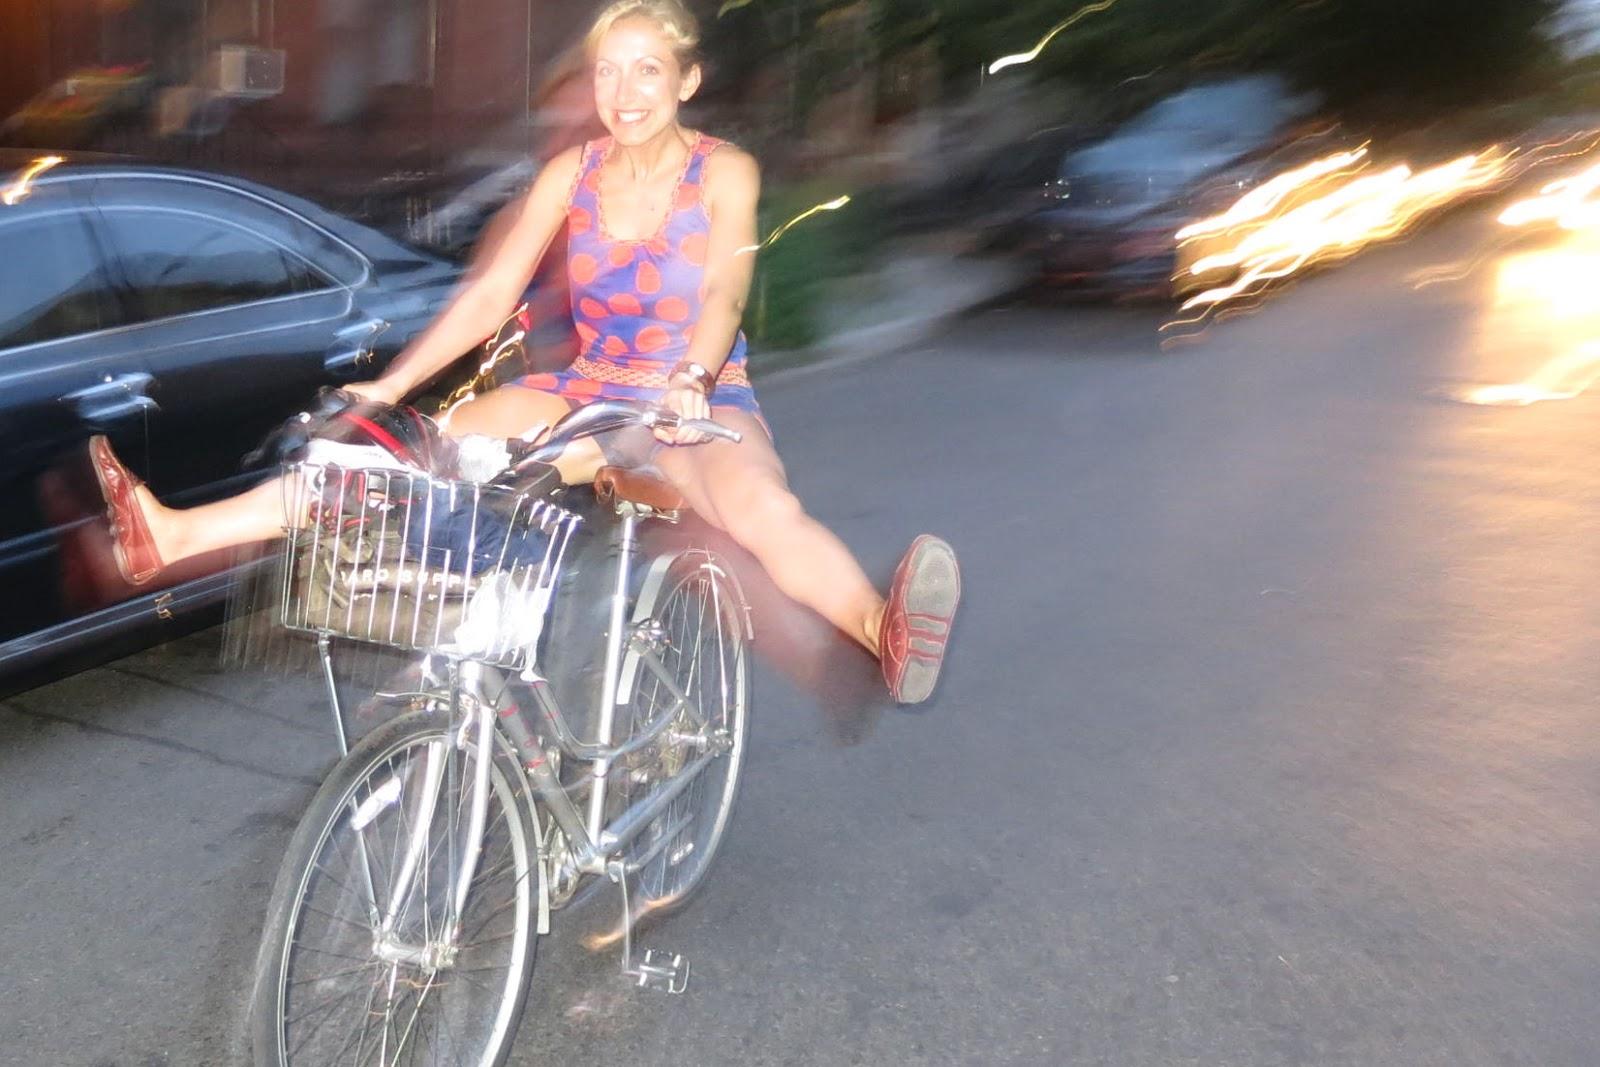 Panties Bike 118